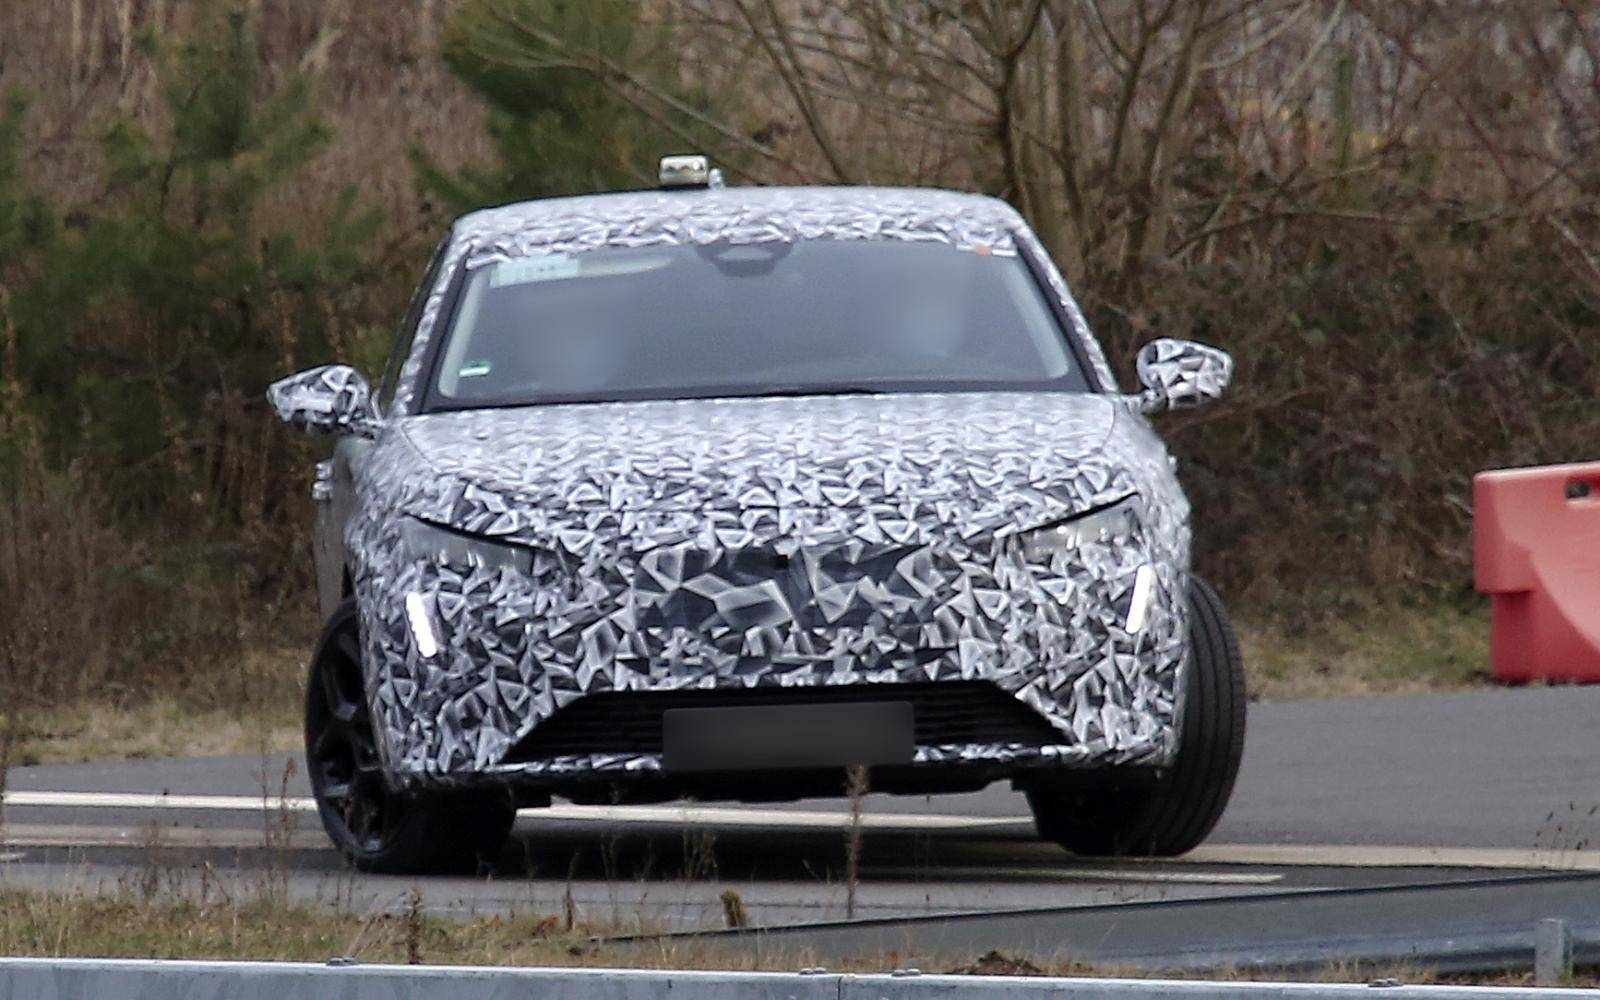 Nieuwe Peugeot 308 open en bloot! Wat vinden jullie ervan?